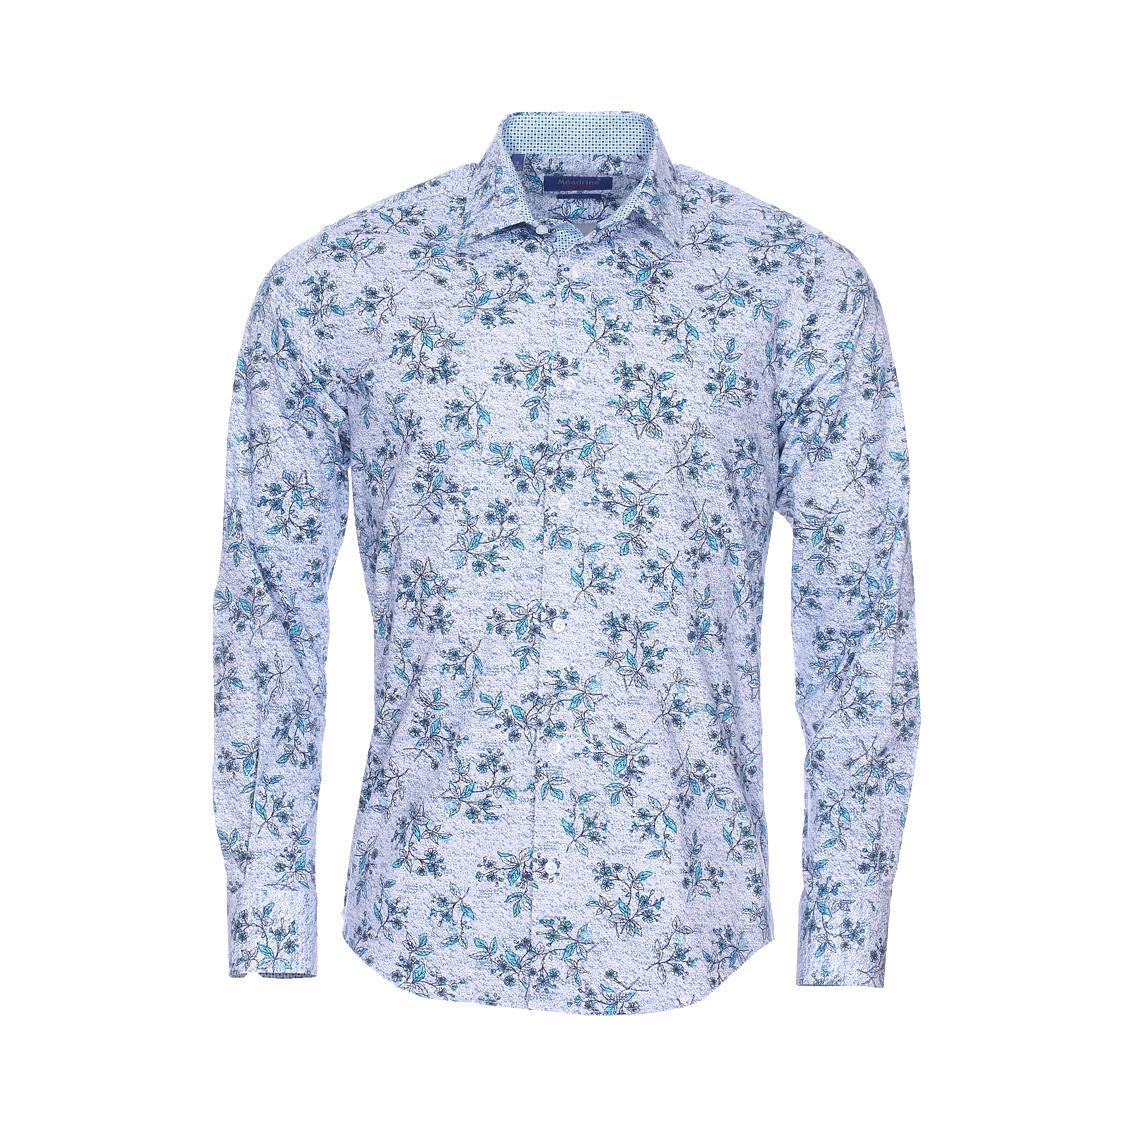 Chemise cintrée  fantaisie en coton stretch blanc à effet tacheté bleu marine et fleurs bleu turquoise